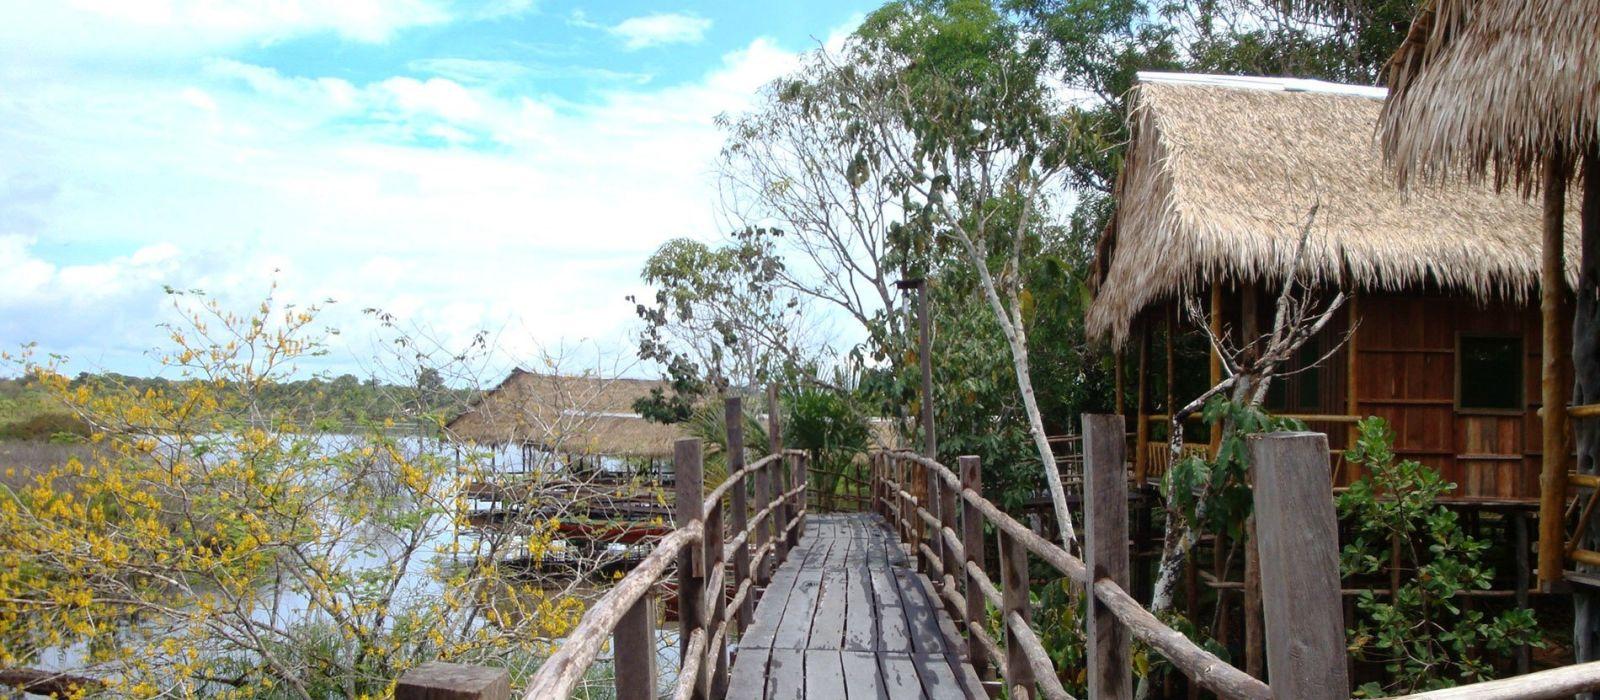 Hotel Tariri Amazon Lodge Brasilien